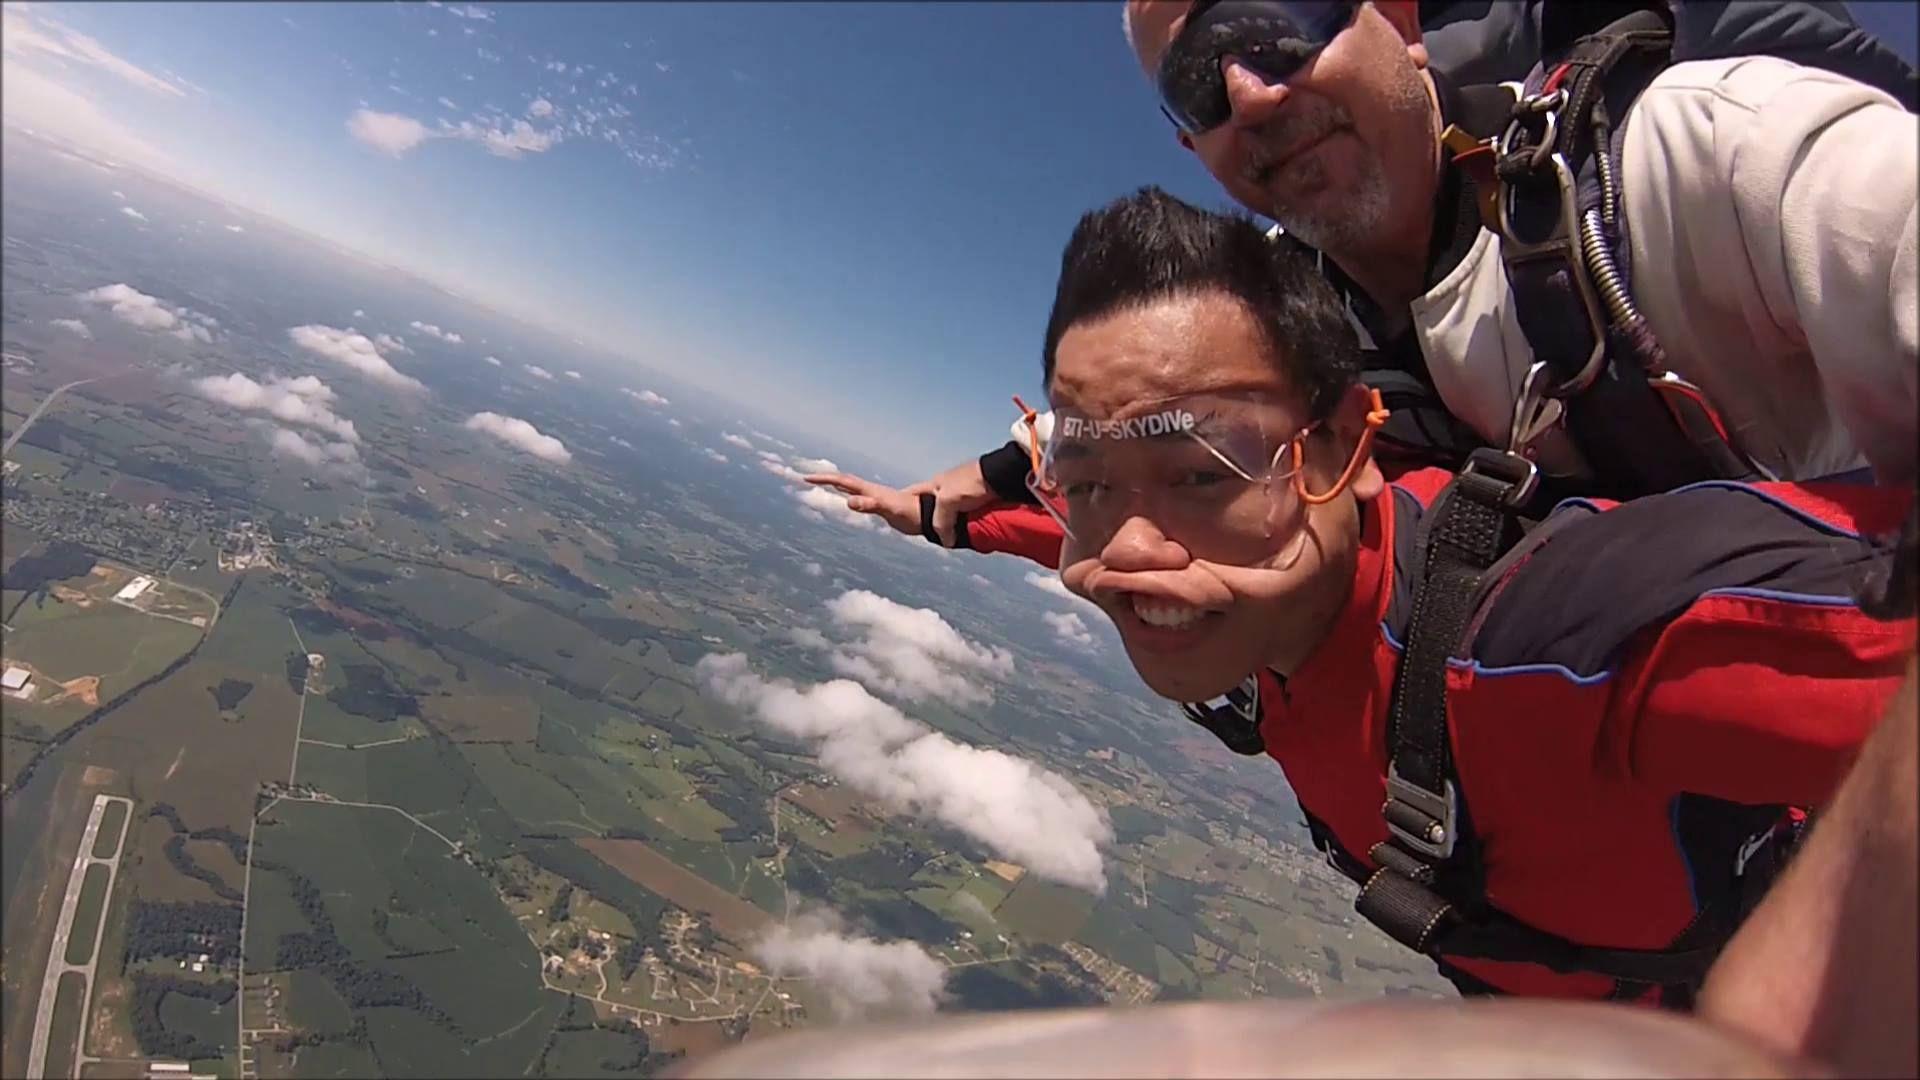 Смешные картинки прыжок с парашютом, для начала стрима